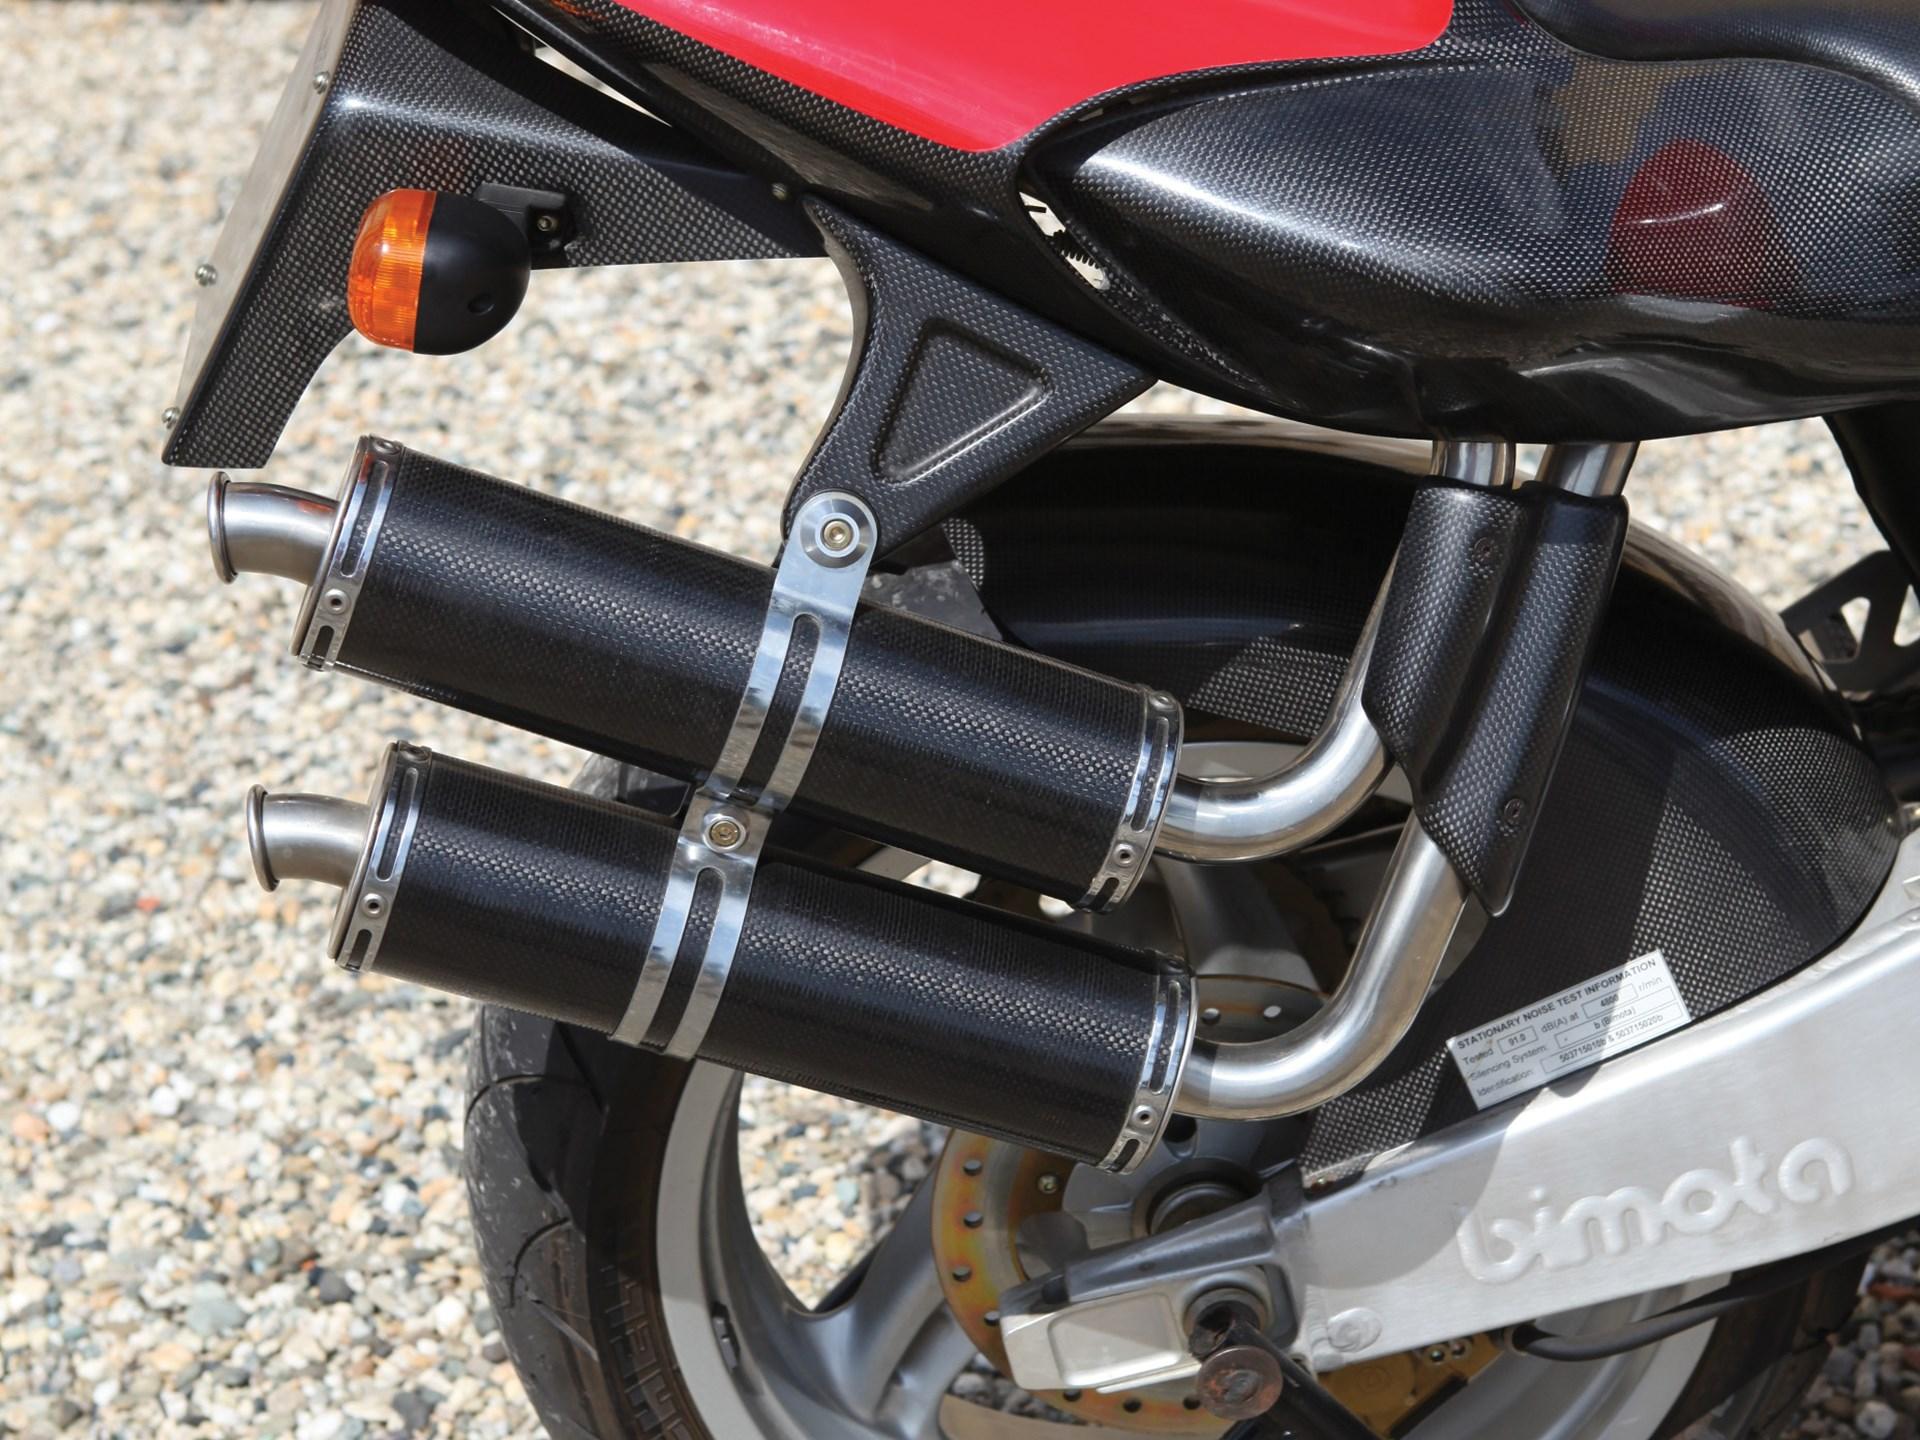 1998 Bimota V-Due 500 carbon exhaust